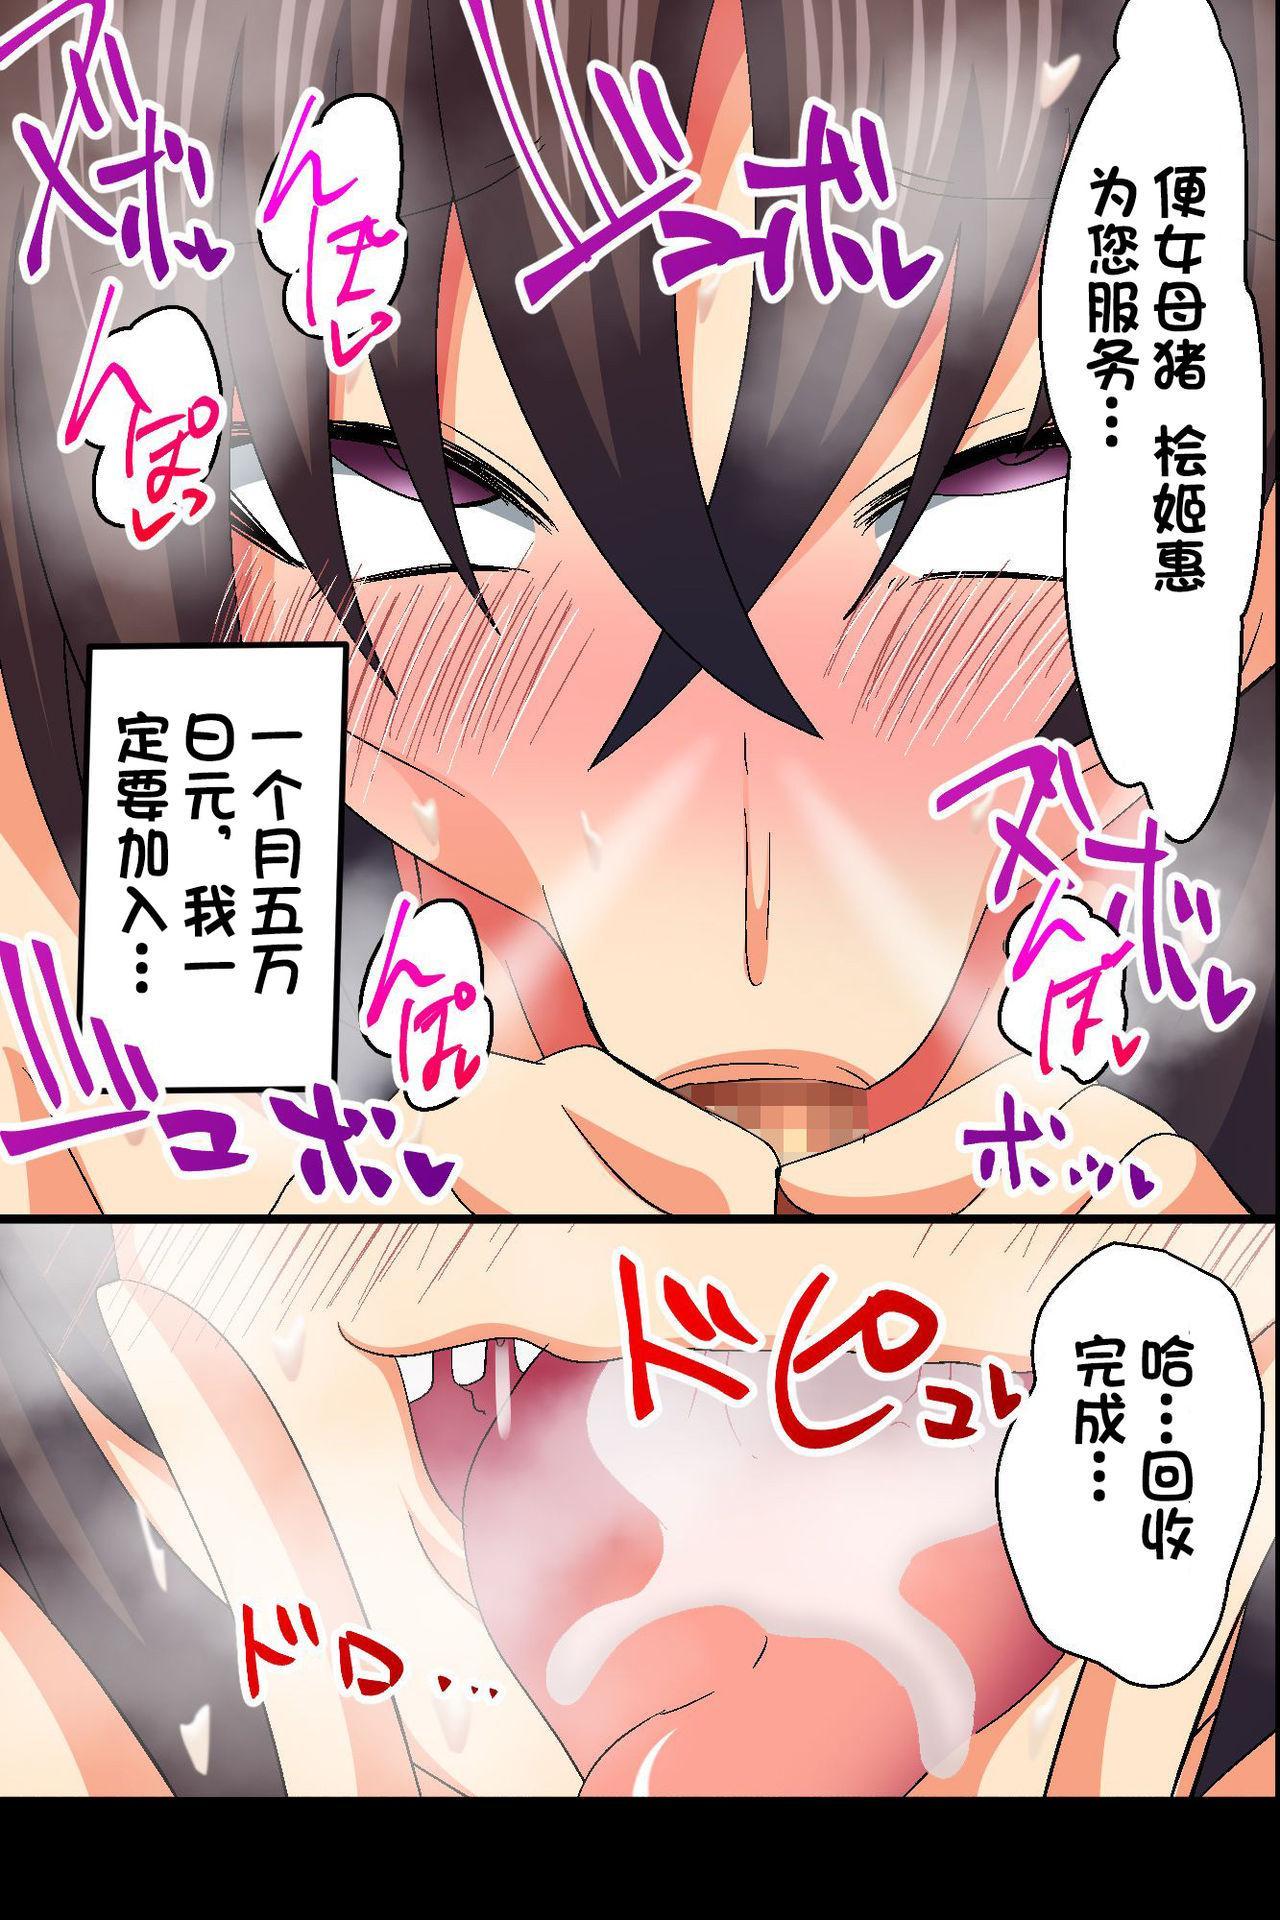 Akogare no Anoko ga Gesu Furyou-tachi ni Shojo o Ubawarete Sore o Neta ni Odosare Seishori Hentai Pet ni Ochiteita 39